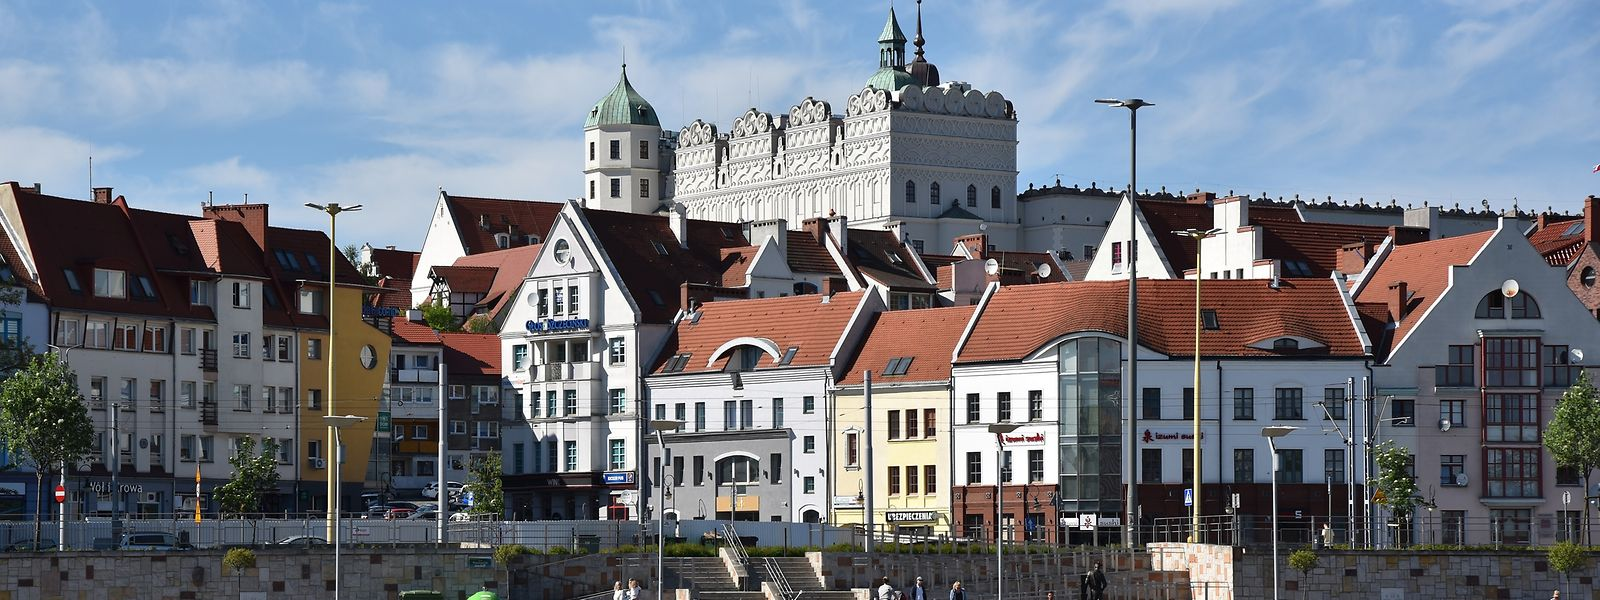 Blick auf die Stettiner Altstadt mit dem Schloss.